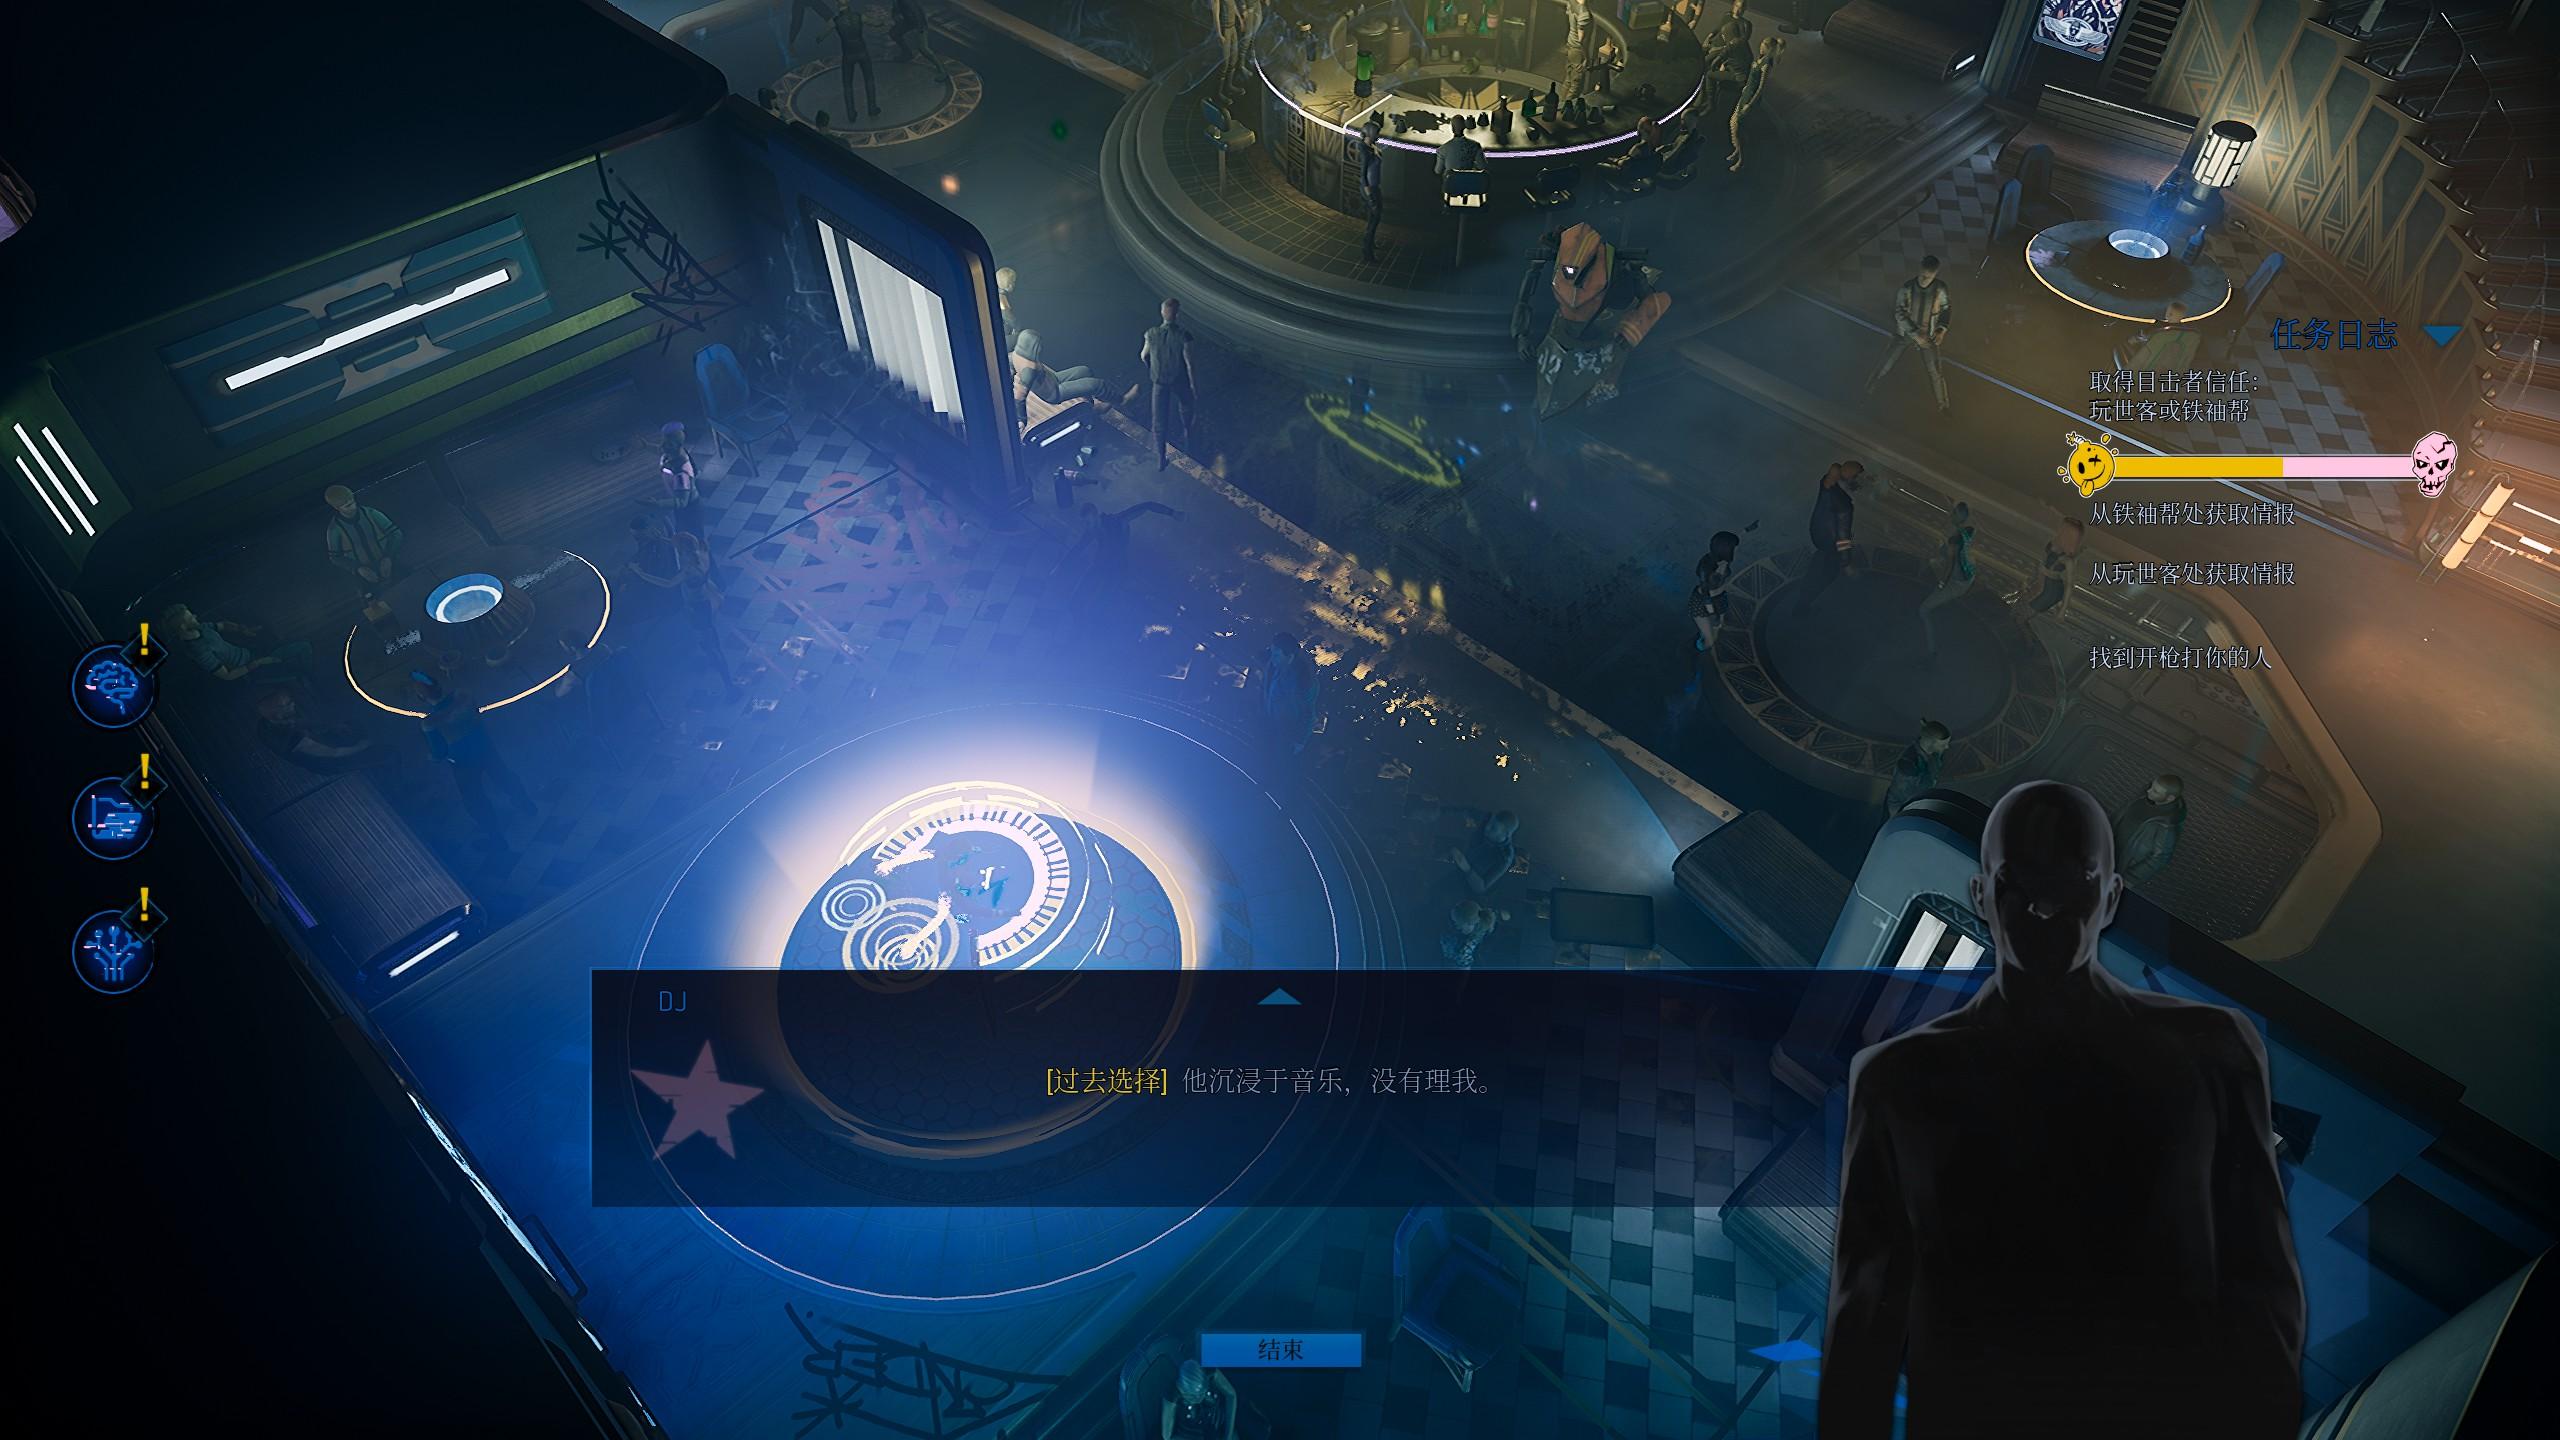 赛博迪斯科——赛博朋克侦探《骇游侠探》现已发售插图3